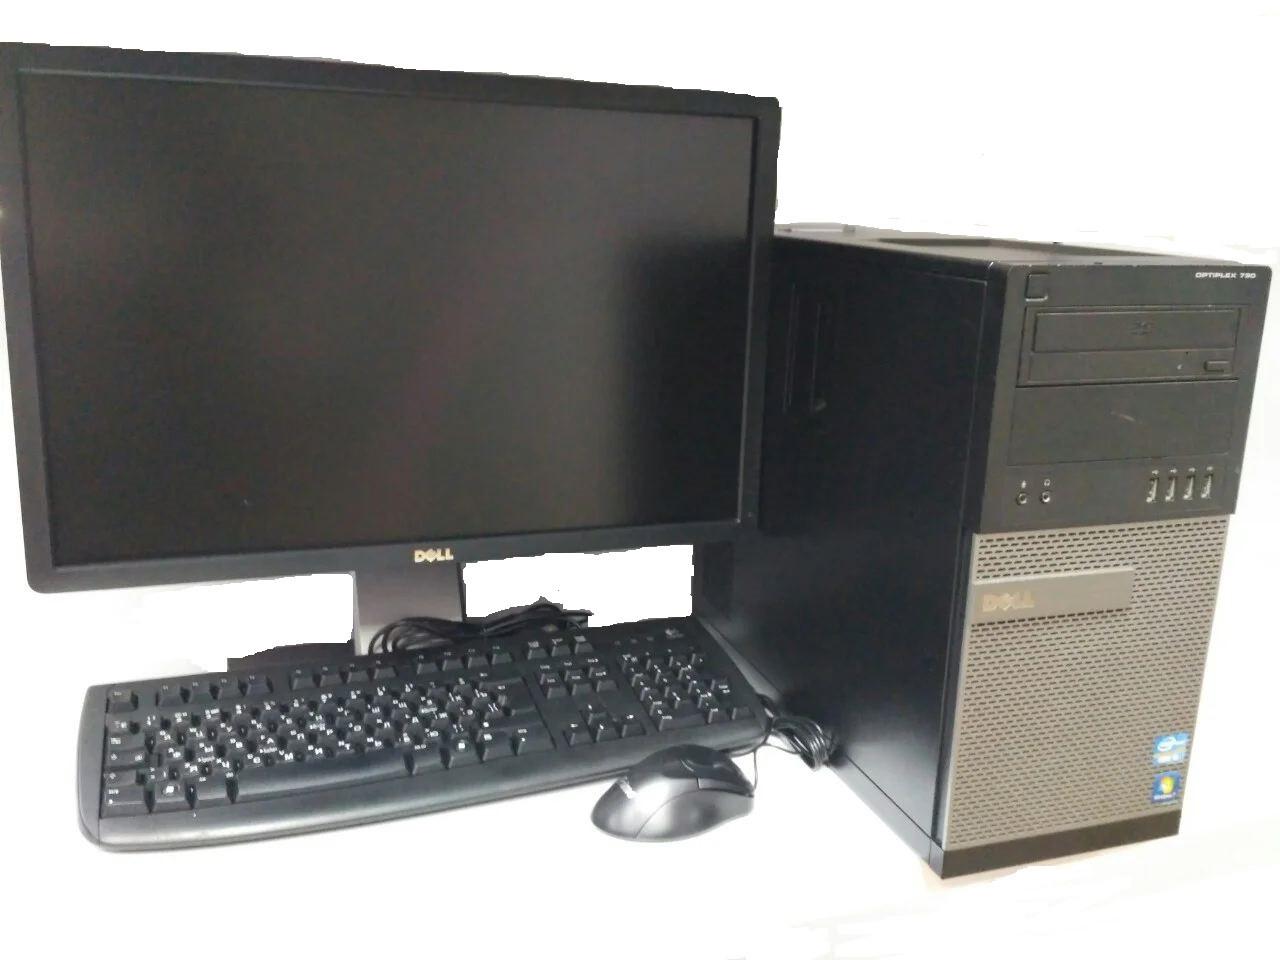 Компьютер в сборе, Core i7-2600, 4 ядра по 3.40 ГГц, 16 Гб ОЗУ DDR3, HDD 500 Гб, Видеокарта 4 Гб, мон 24 дюйма